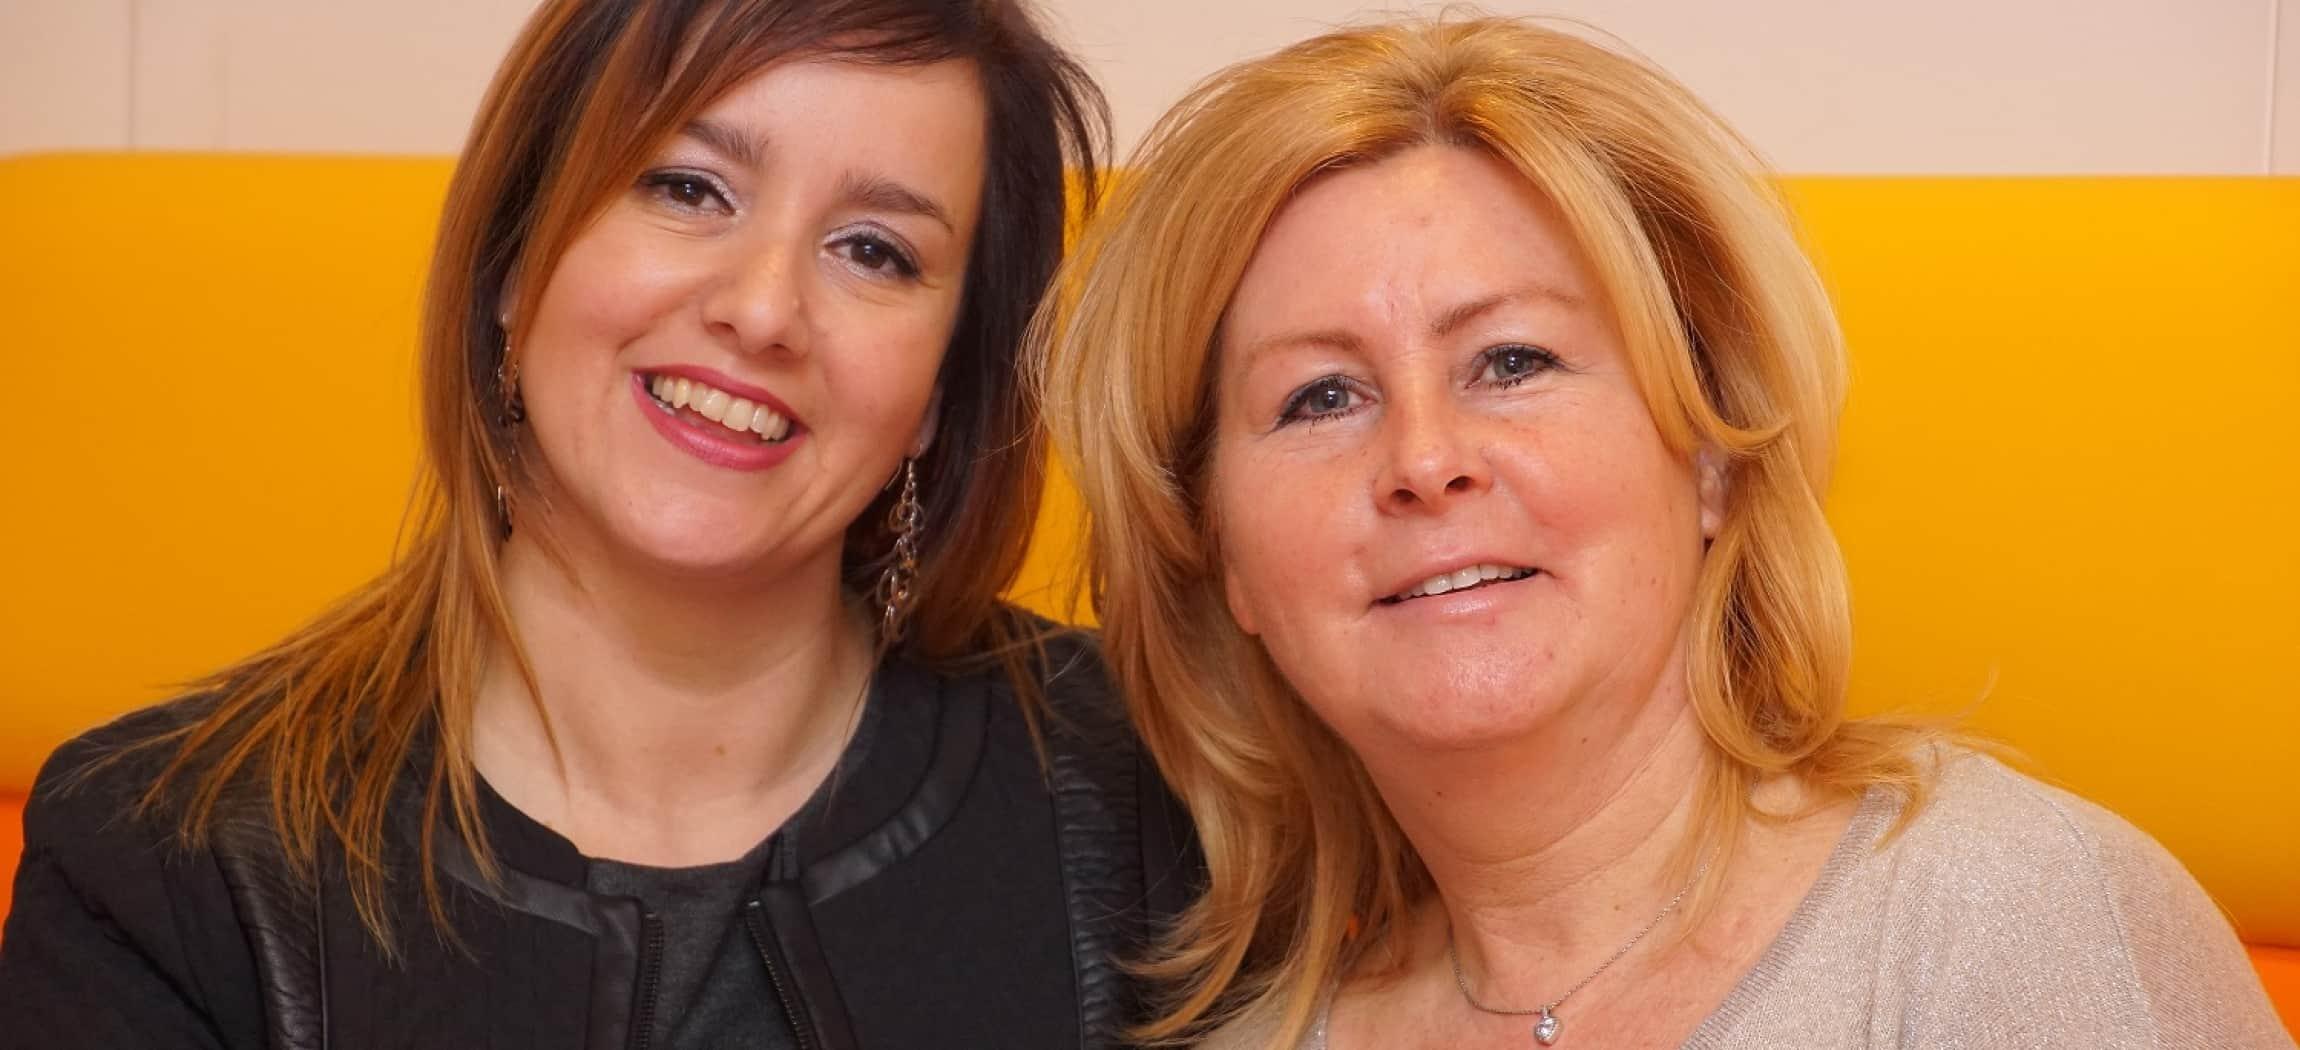 Portret van twee vrouwen bruin haar en blond haar tegen gele muur achtergrond